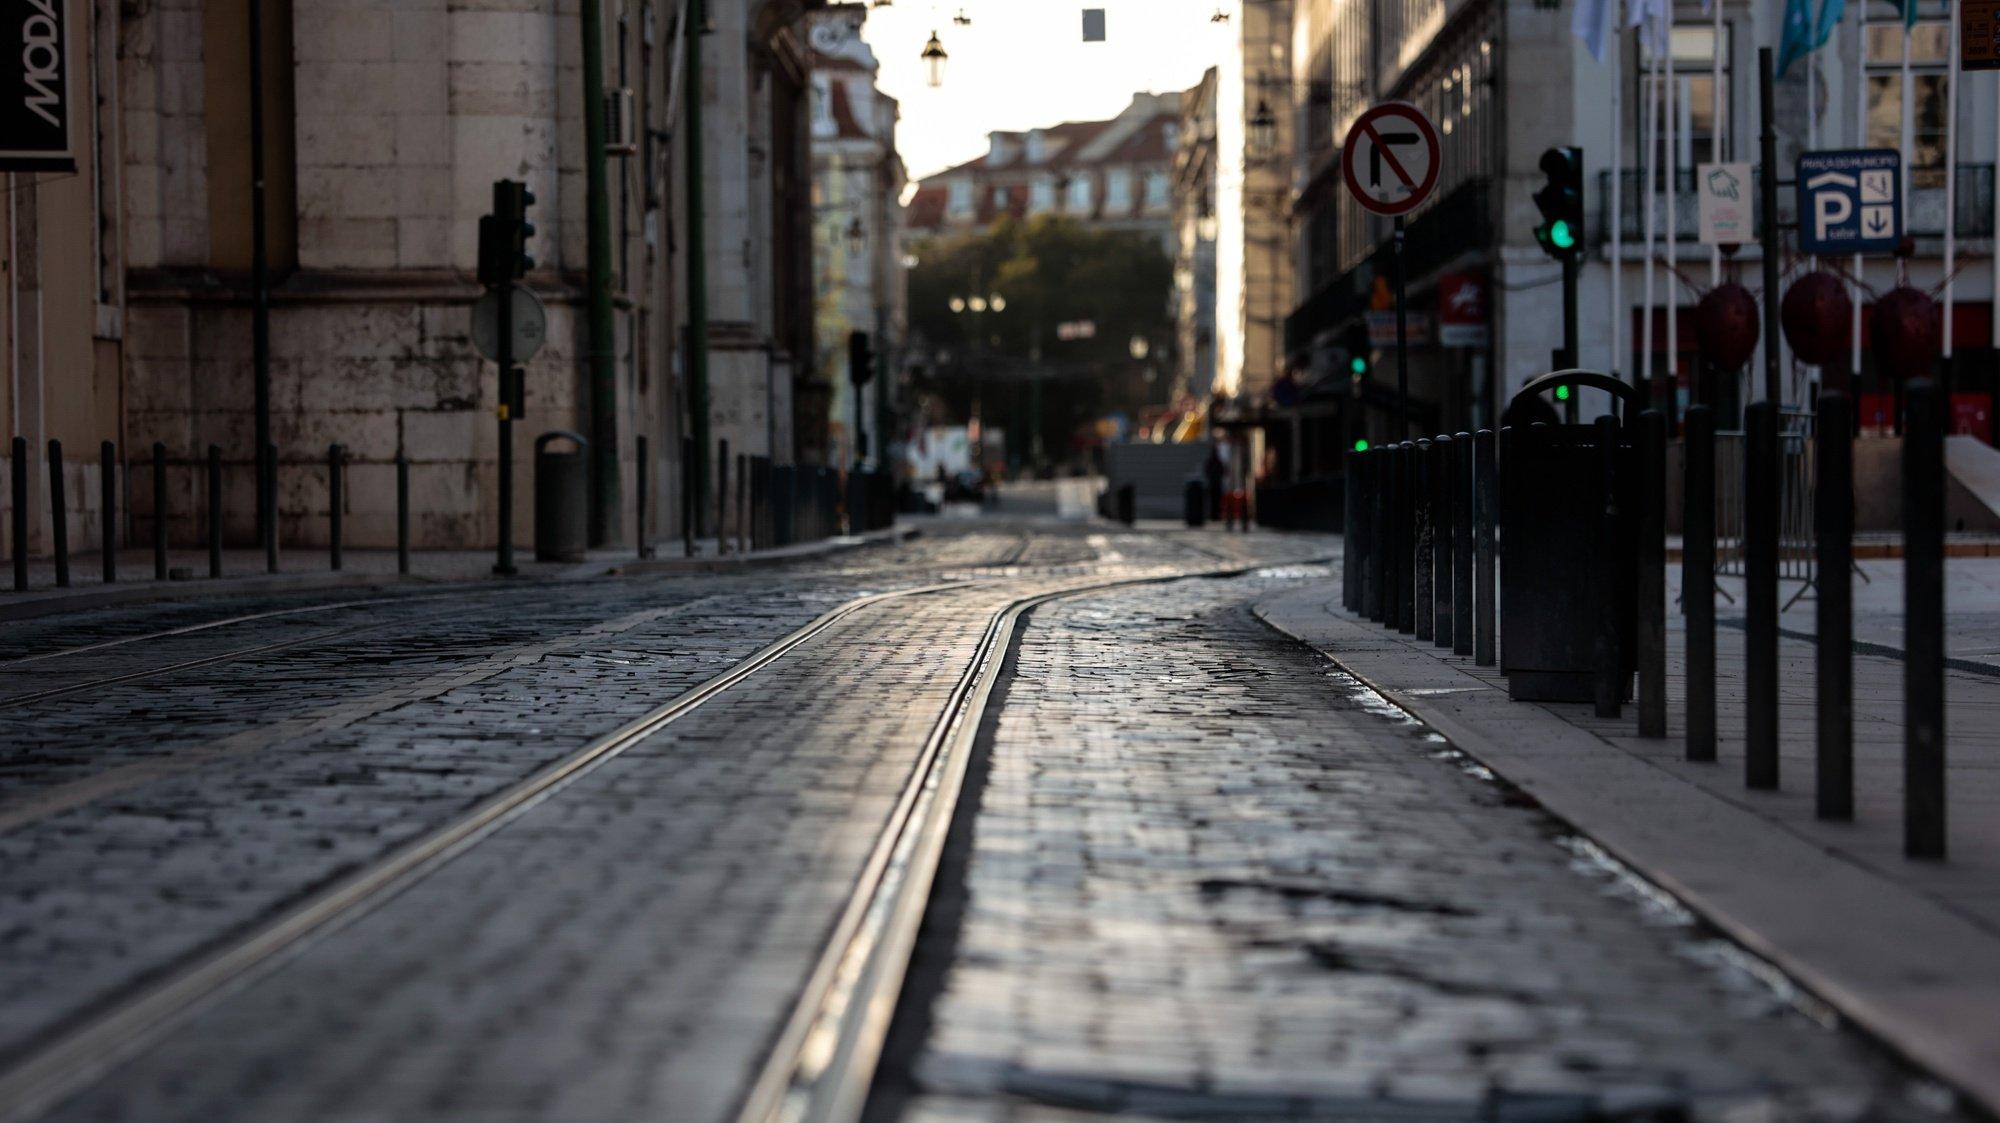 """Uma rua deserta na baixa lisboeta a meio da tarde, em Lisboa, 05 de dezembro de 2020. Entre as 13:00h de sábado 05 de dezembro e as 05:00h de 06 dezembro, está em vigor o recolher obrigatório nos concelhos de risco """"extremamente elevado"""" e """"muito elevado"""". JOSÉ SENA GOULÃO/LUSA"""